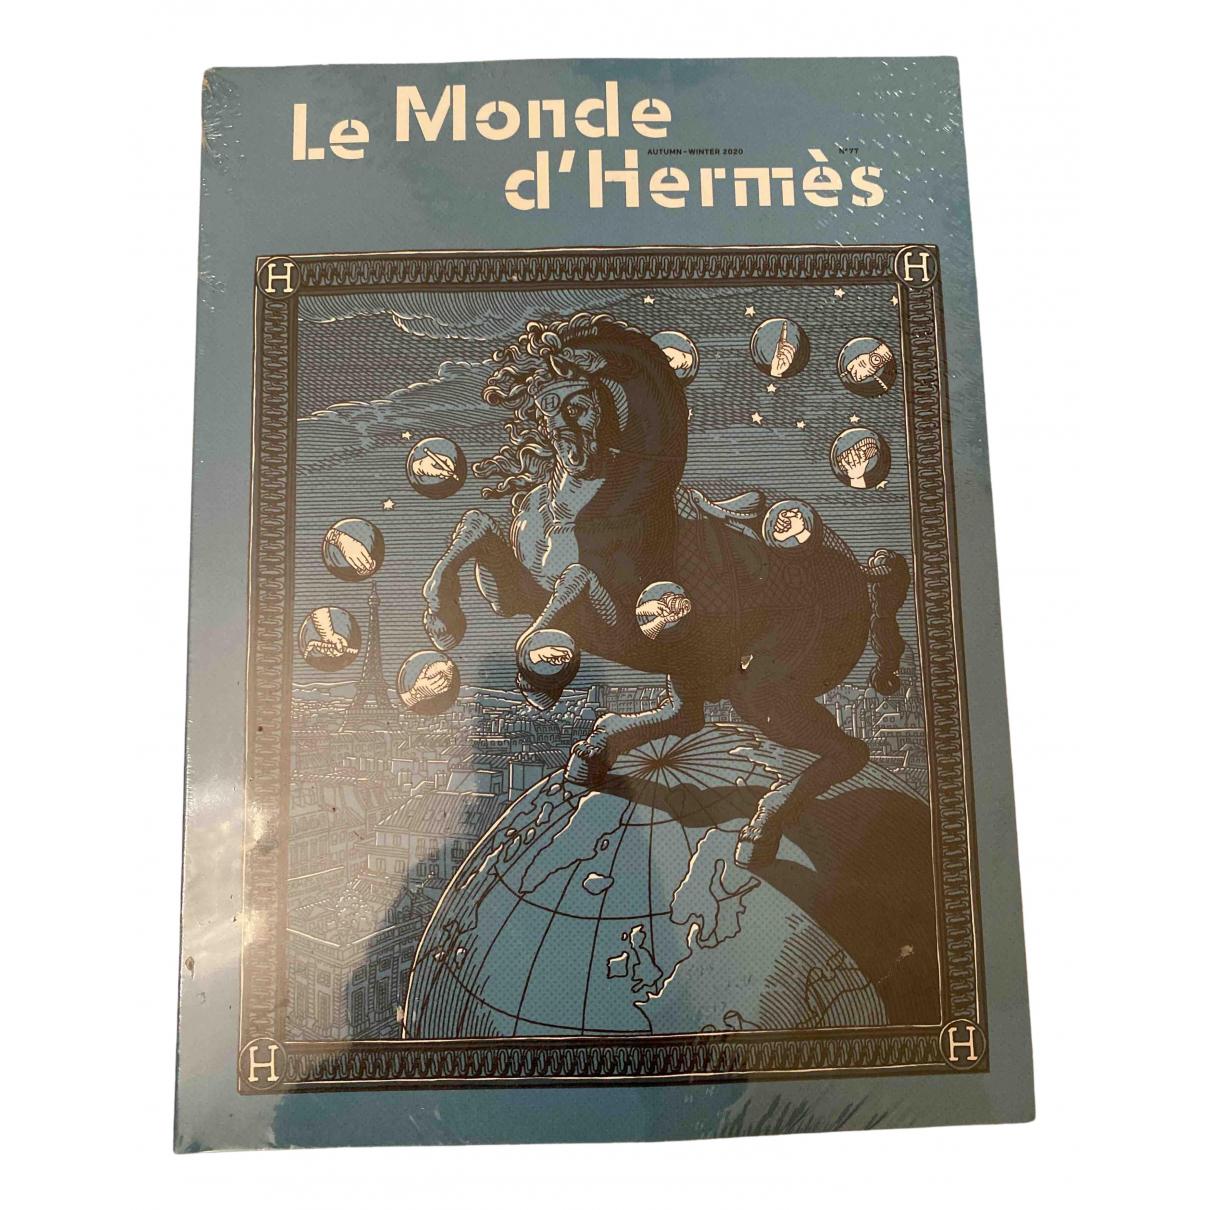 Moda Hermes